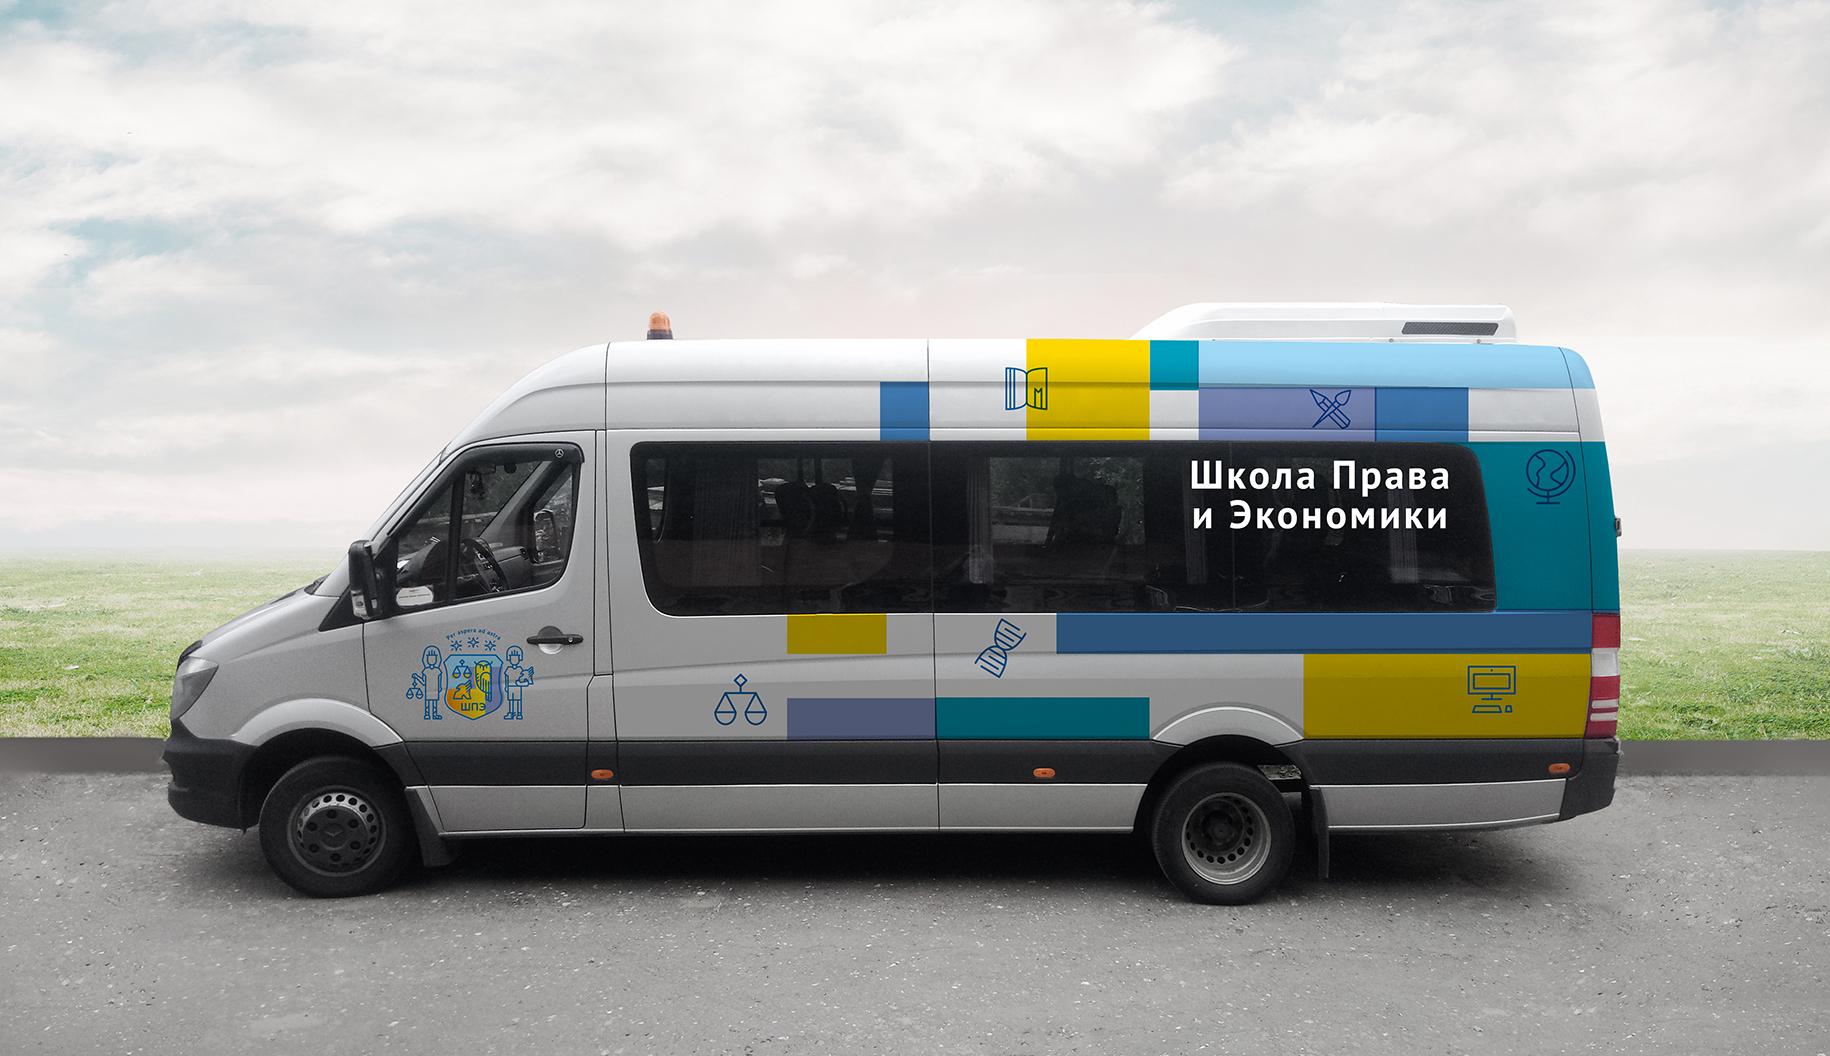 Дизайн оклейки школьного автобуса фото f_5515d040a4d5efb8.jpg